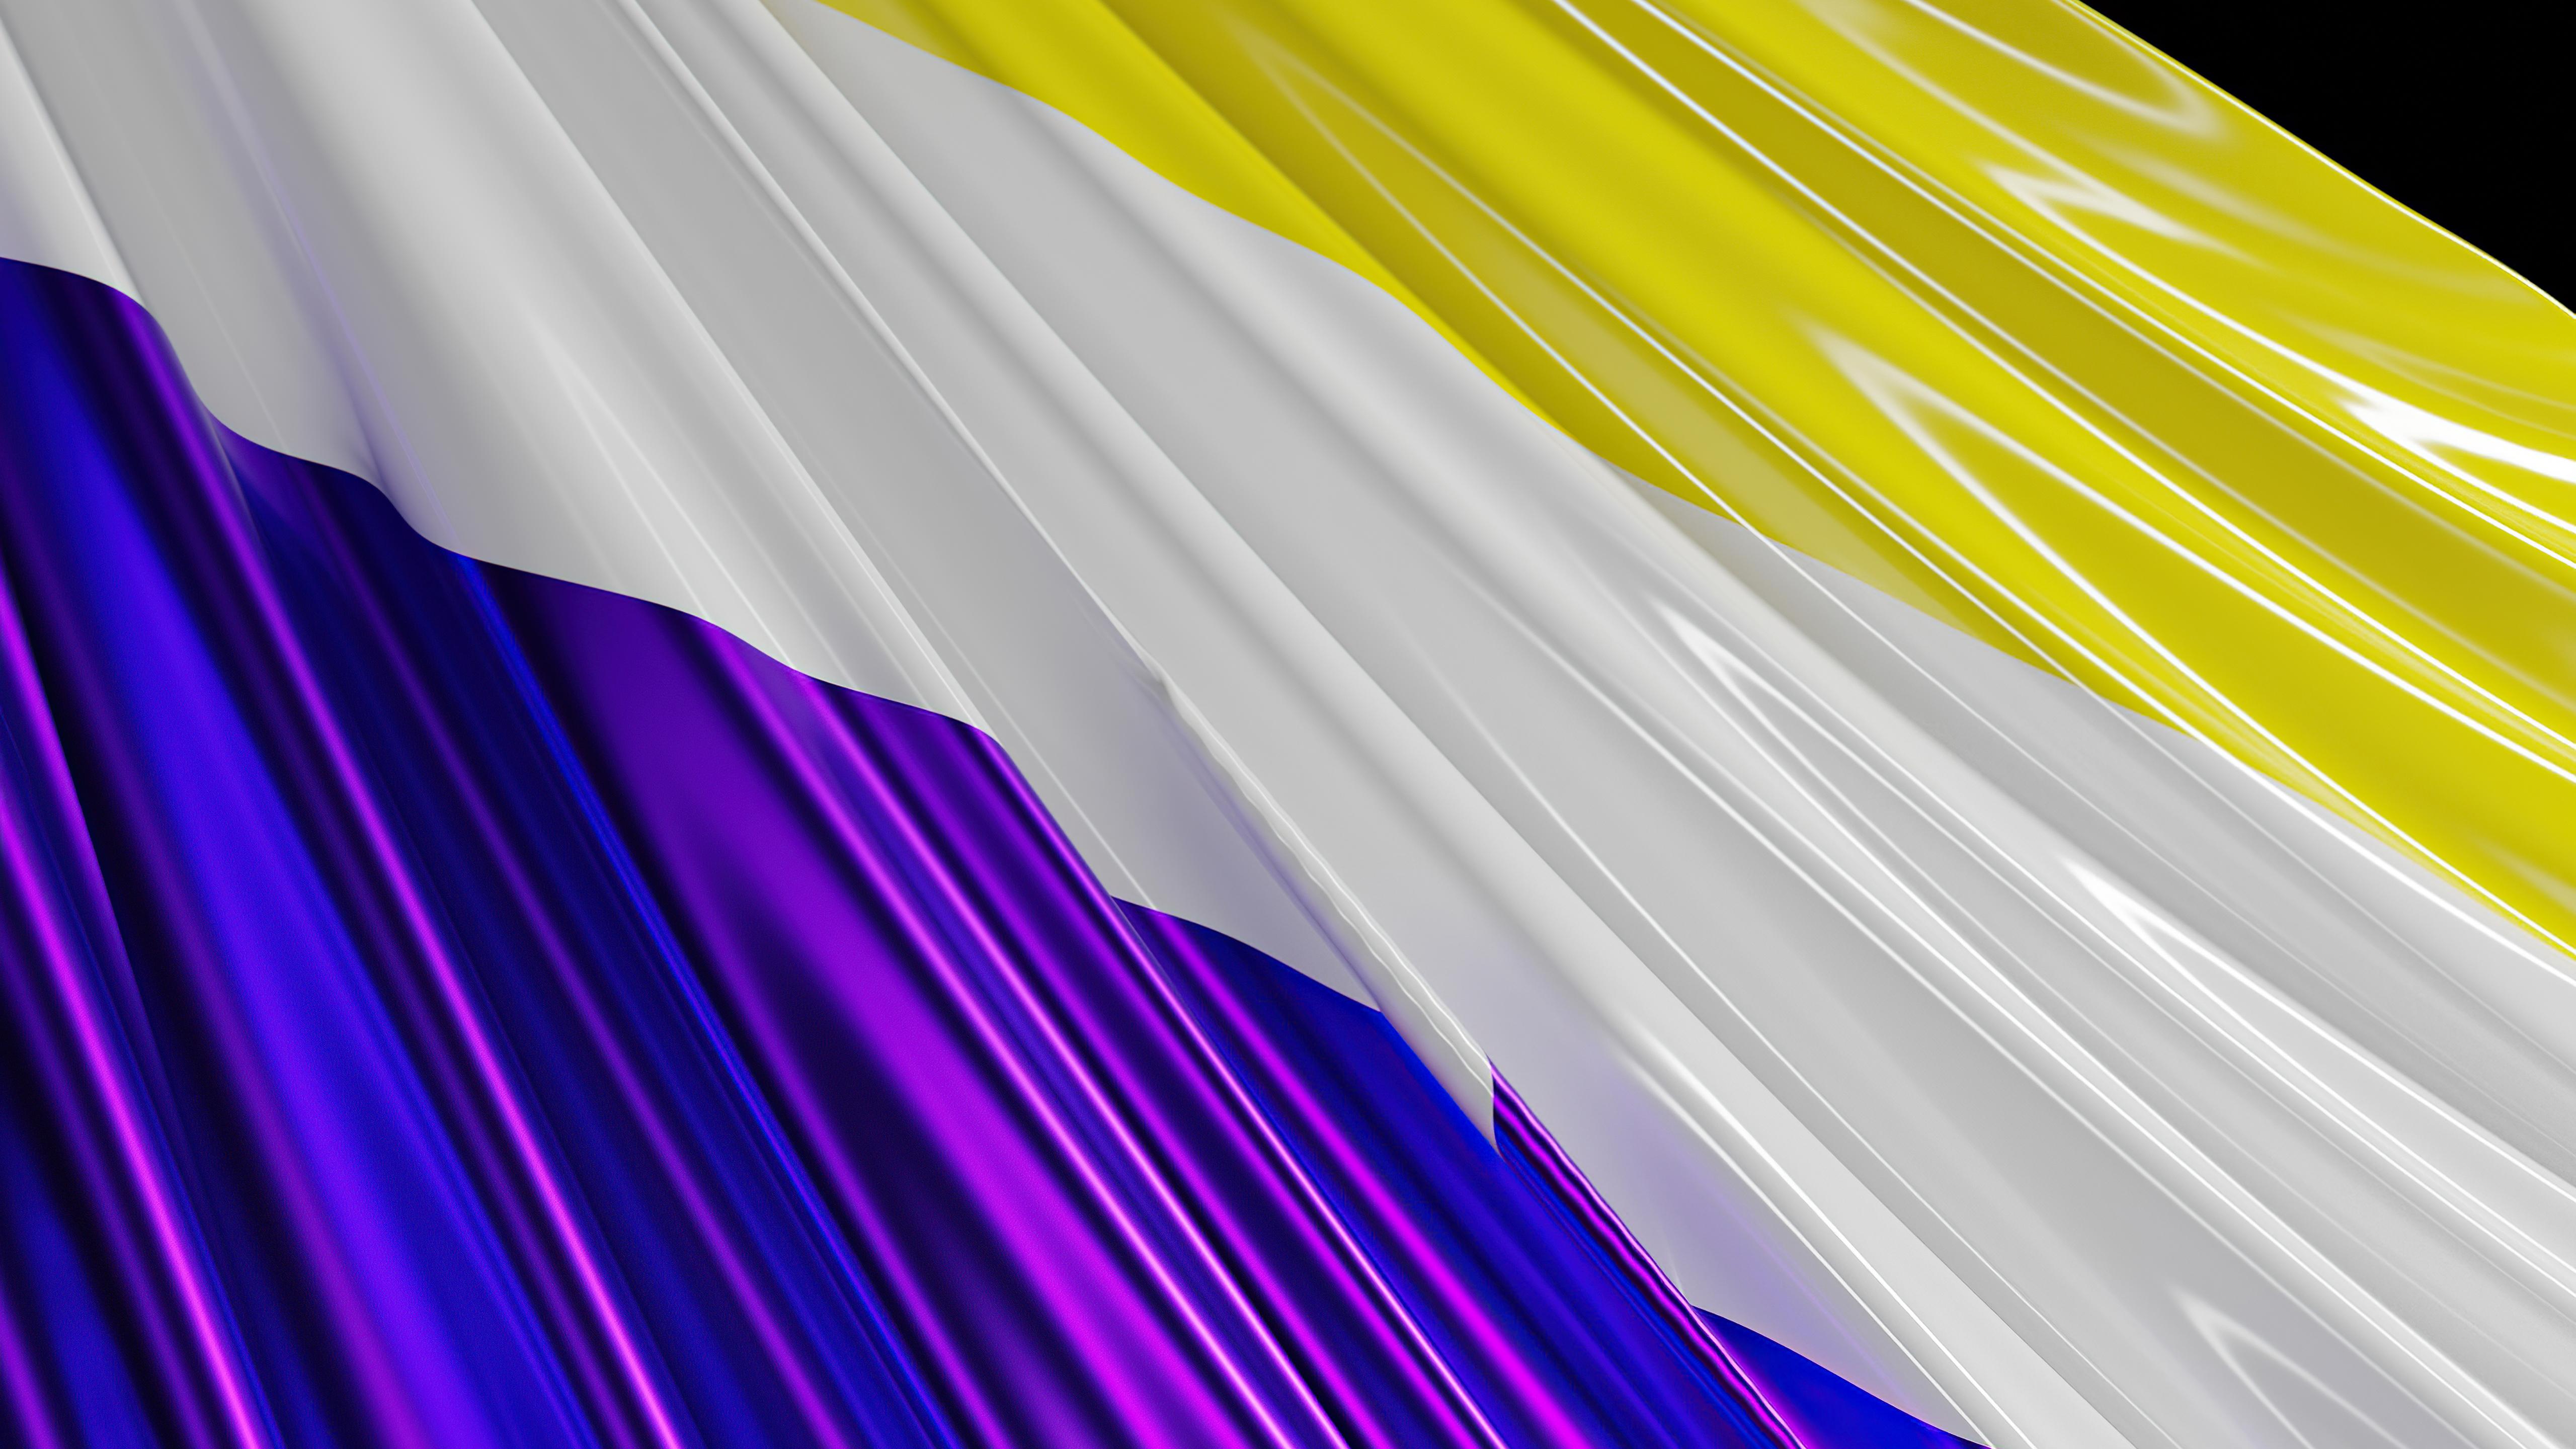 Fondos de pantalla Bandera No binaria